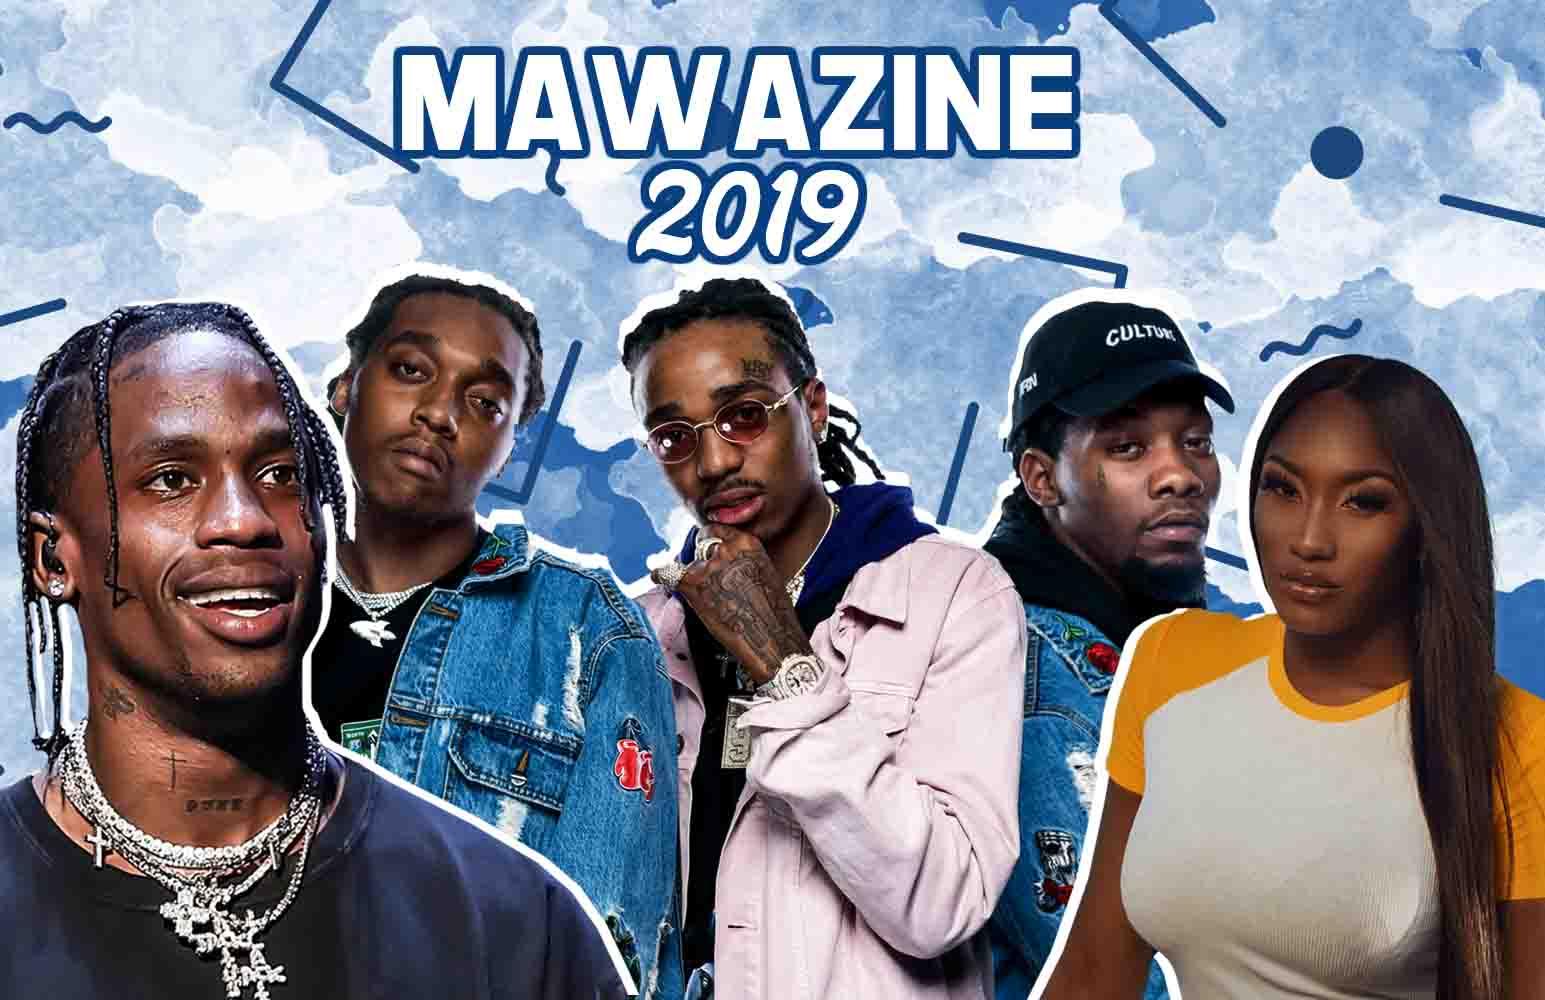 Mawazine 2019: Aya Nakamura, Travis Scott, and Migos Added to Lineup